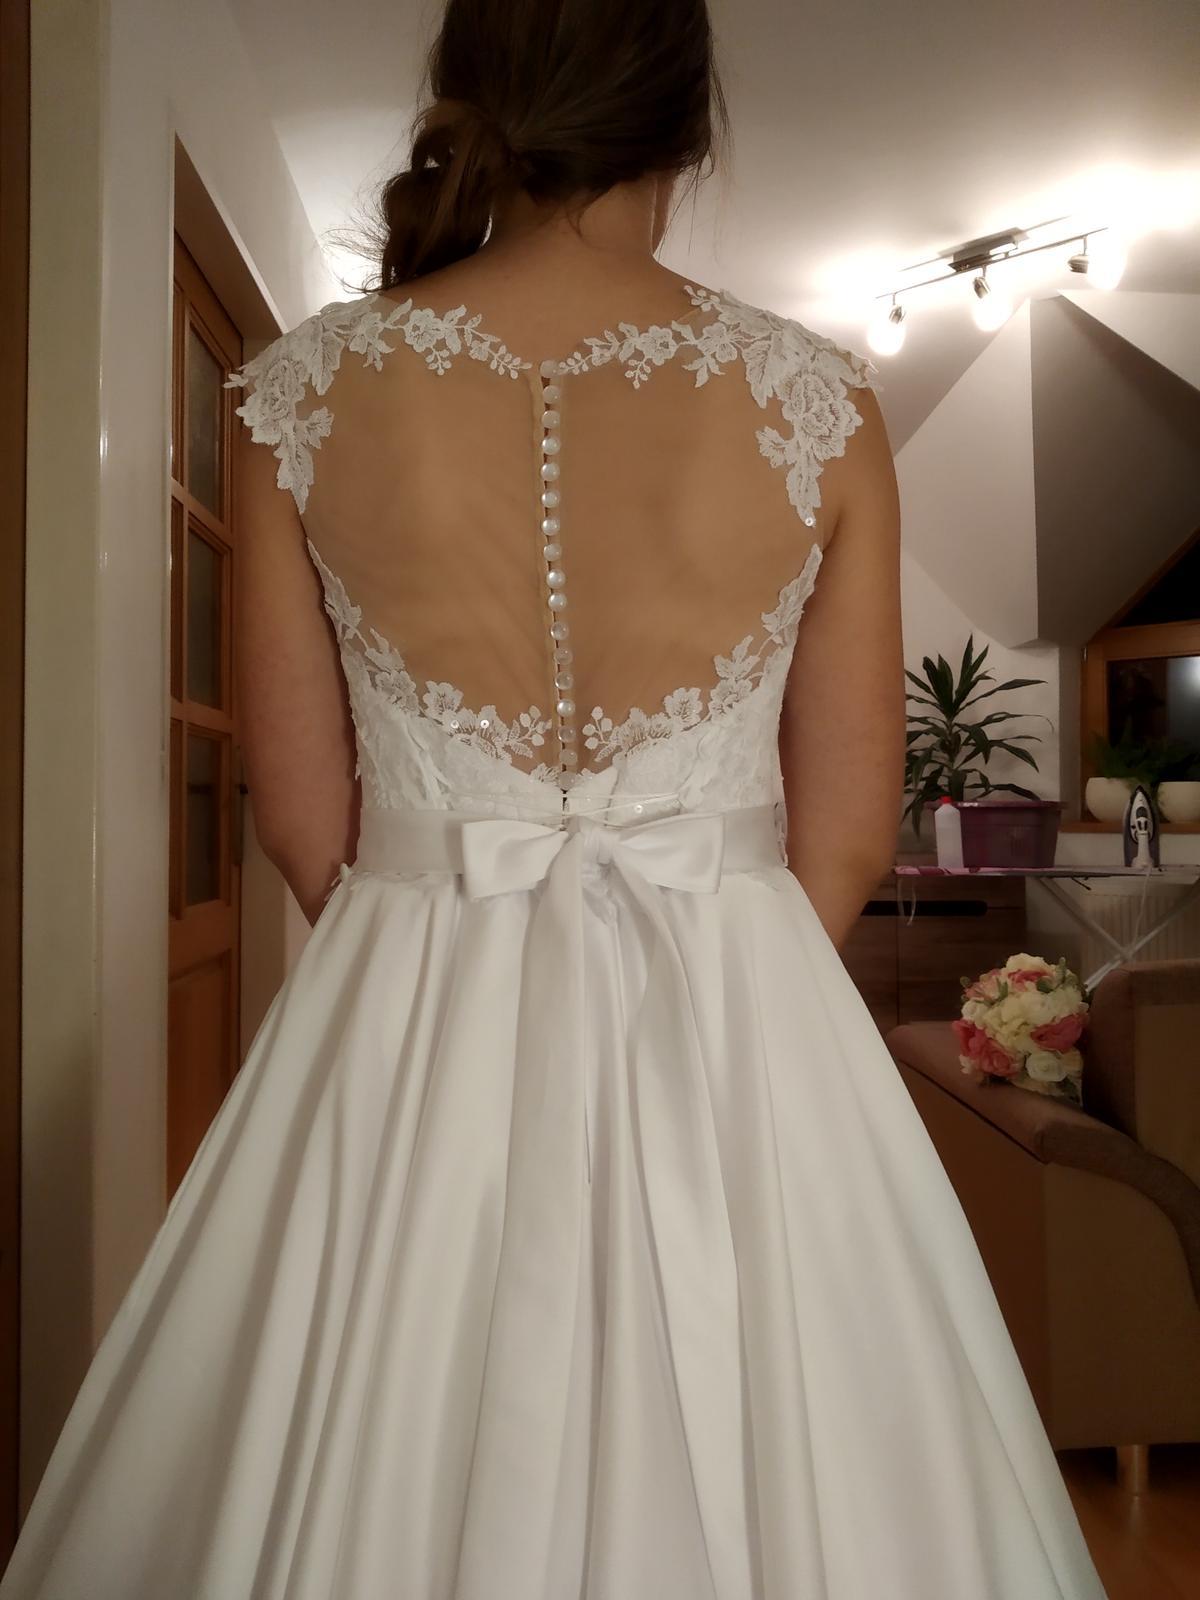 Svadobné saténové šaty - Obrázok č. 1